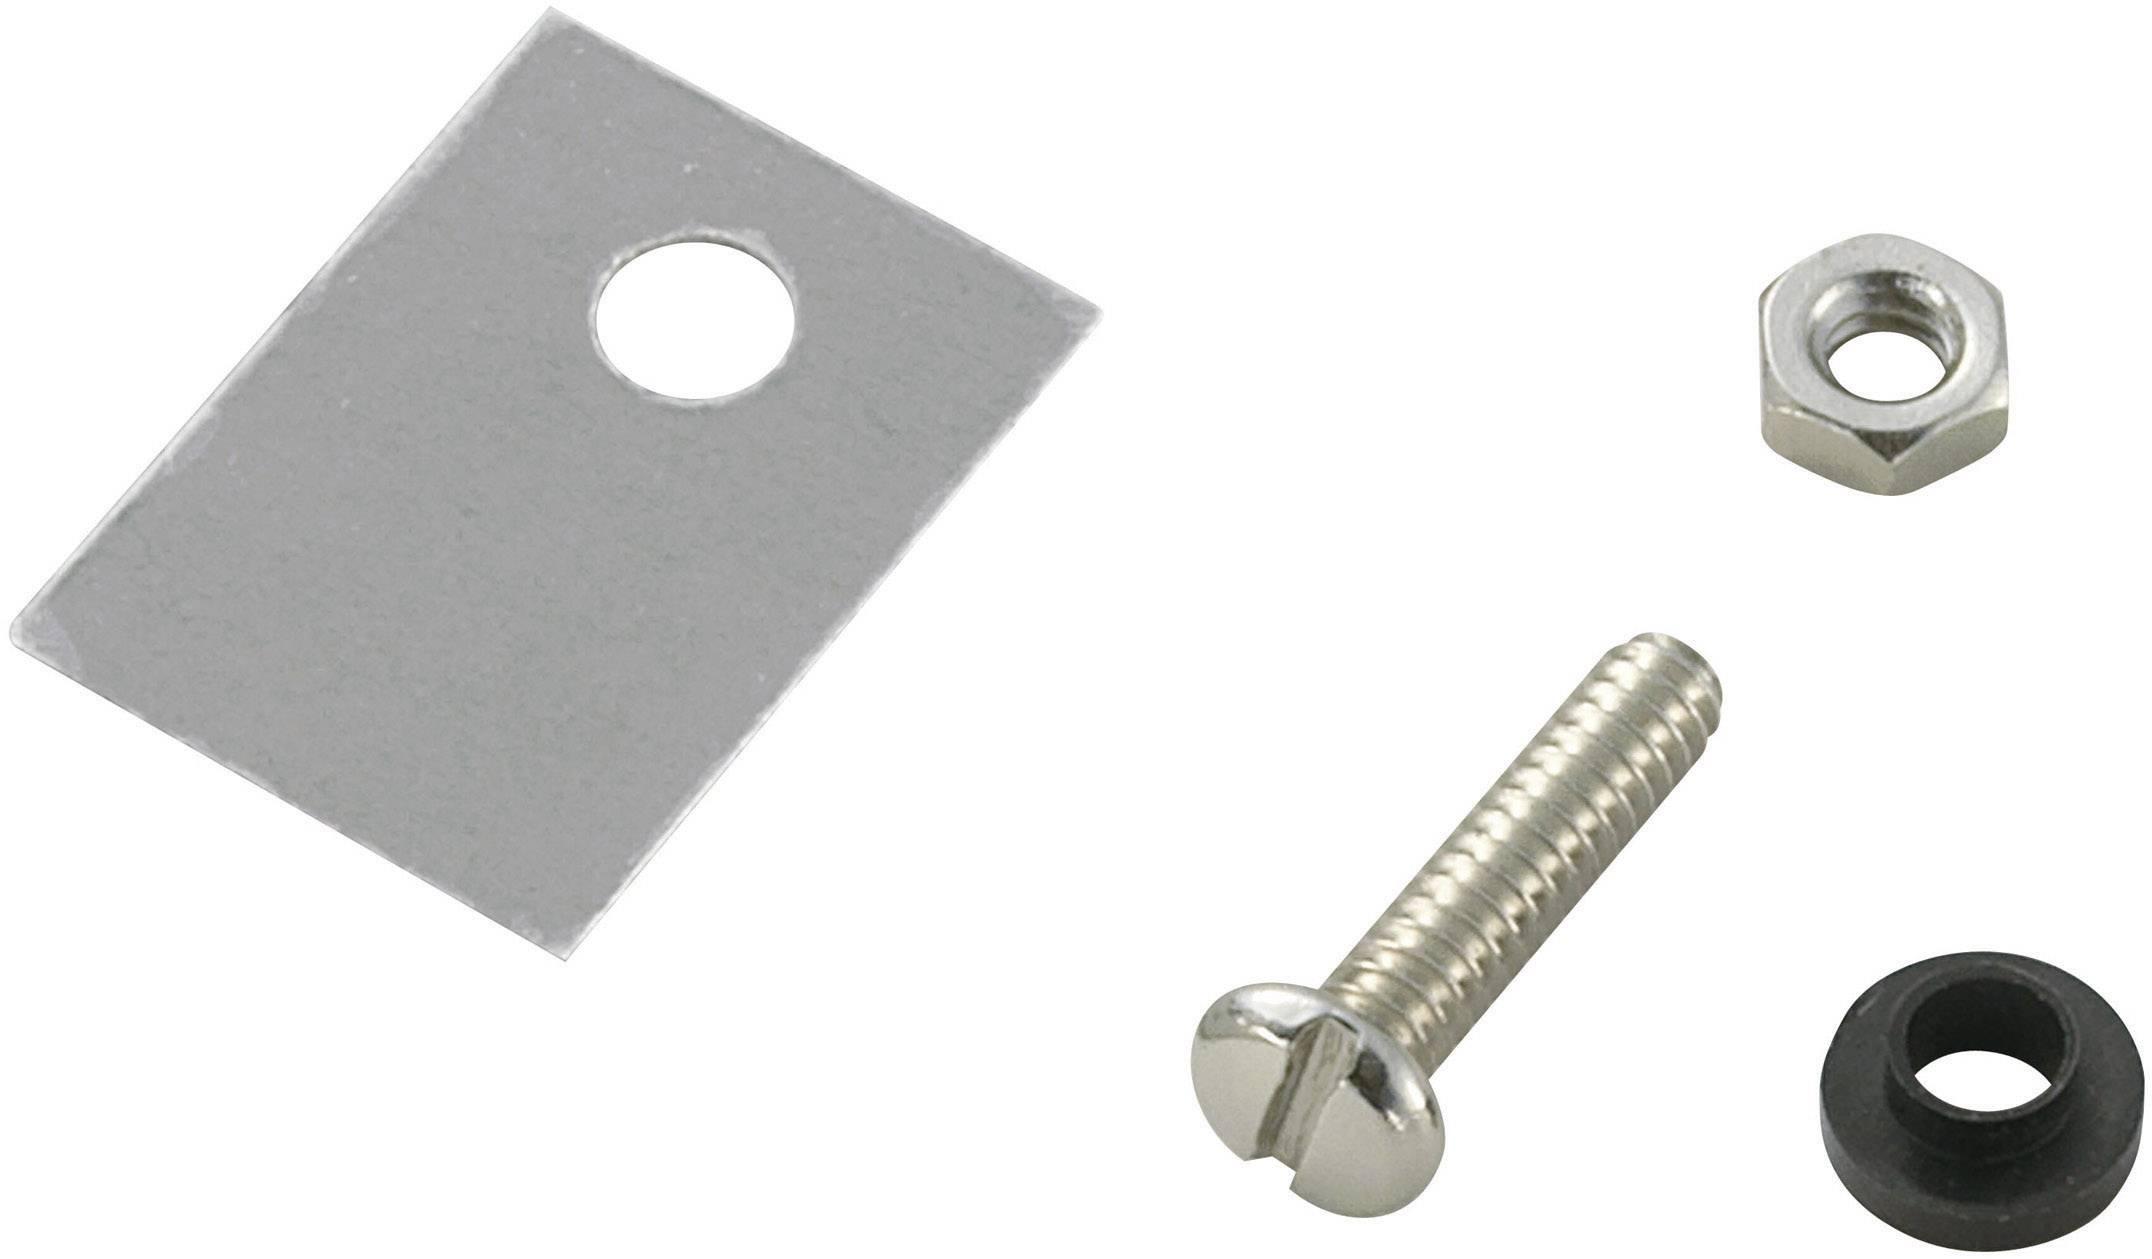 Montážní materiál pro pouzdro TO 220, SCI A18-9B